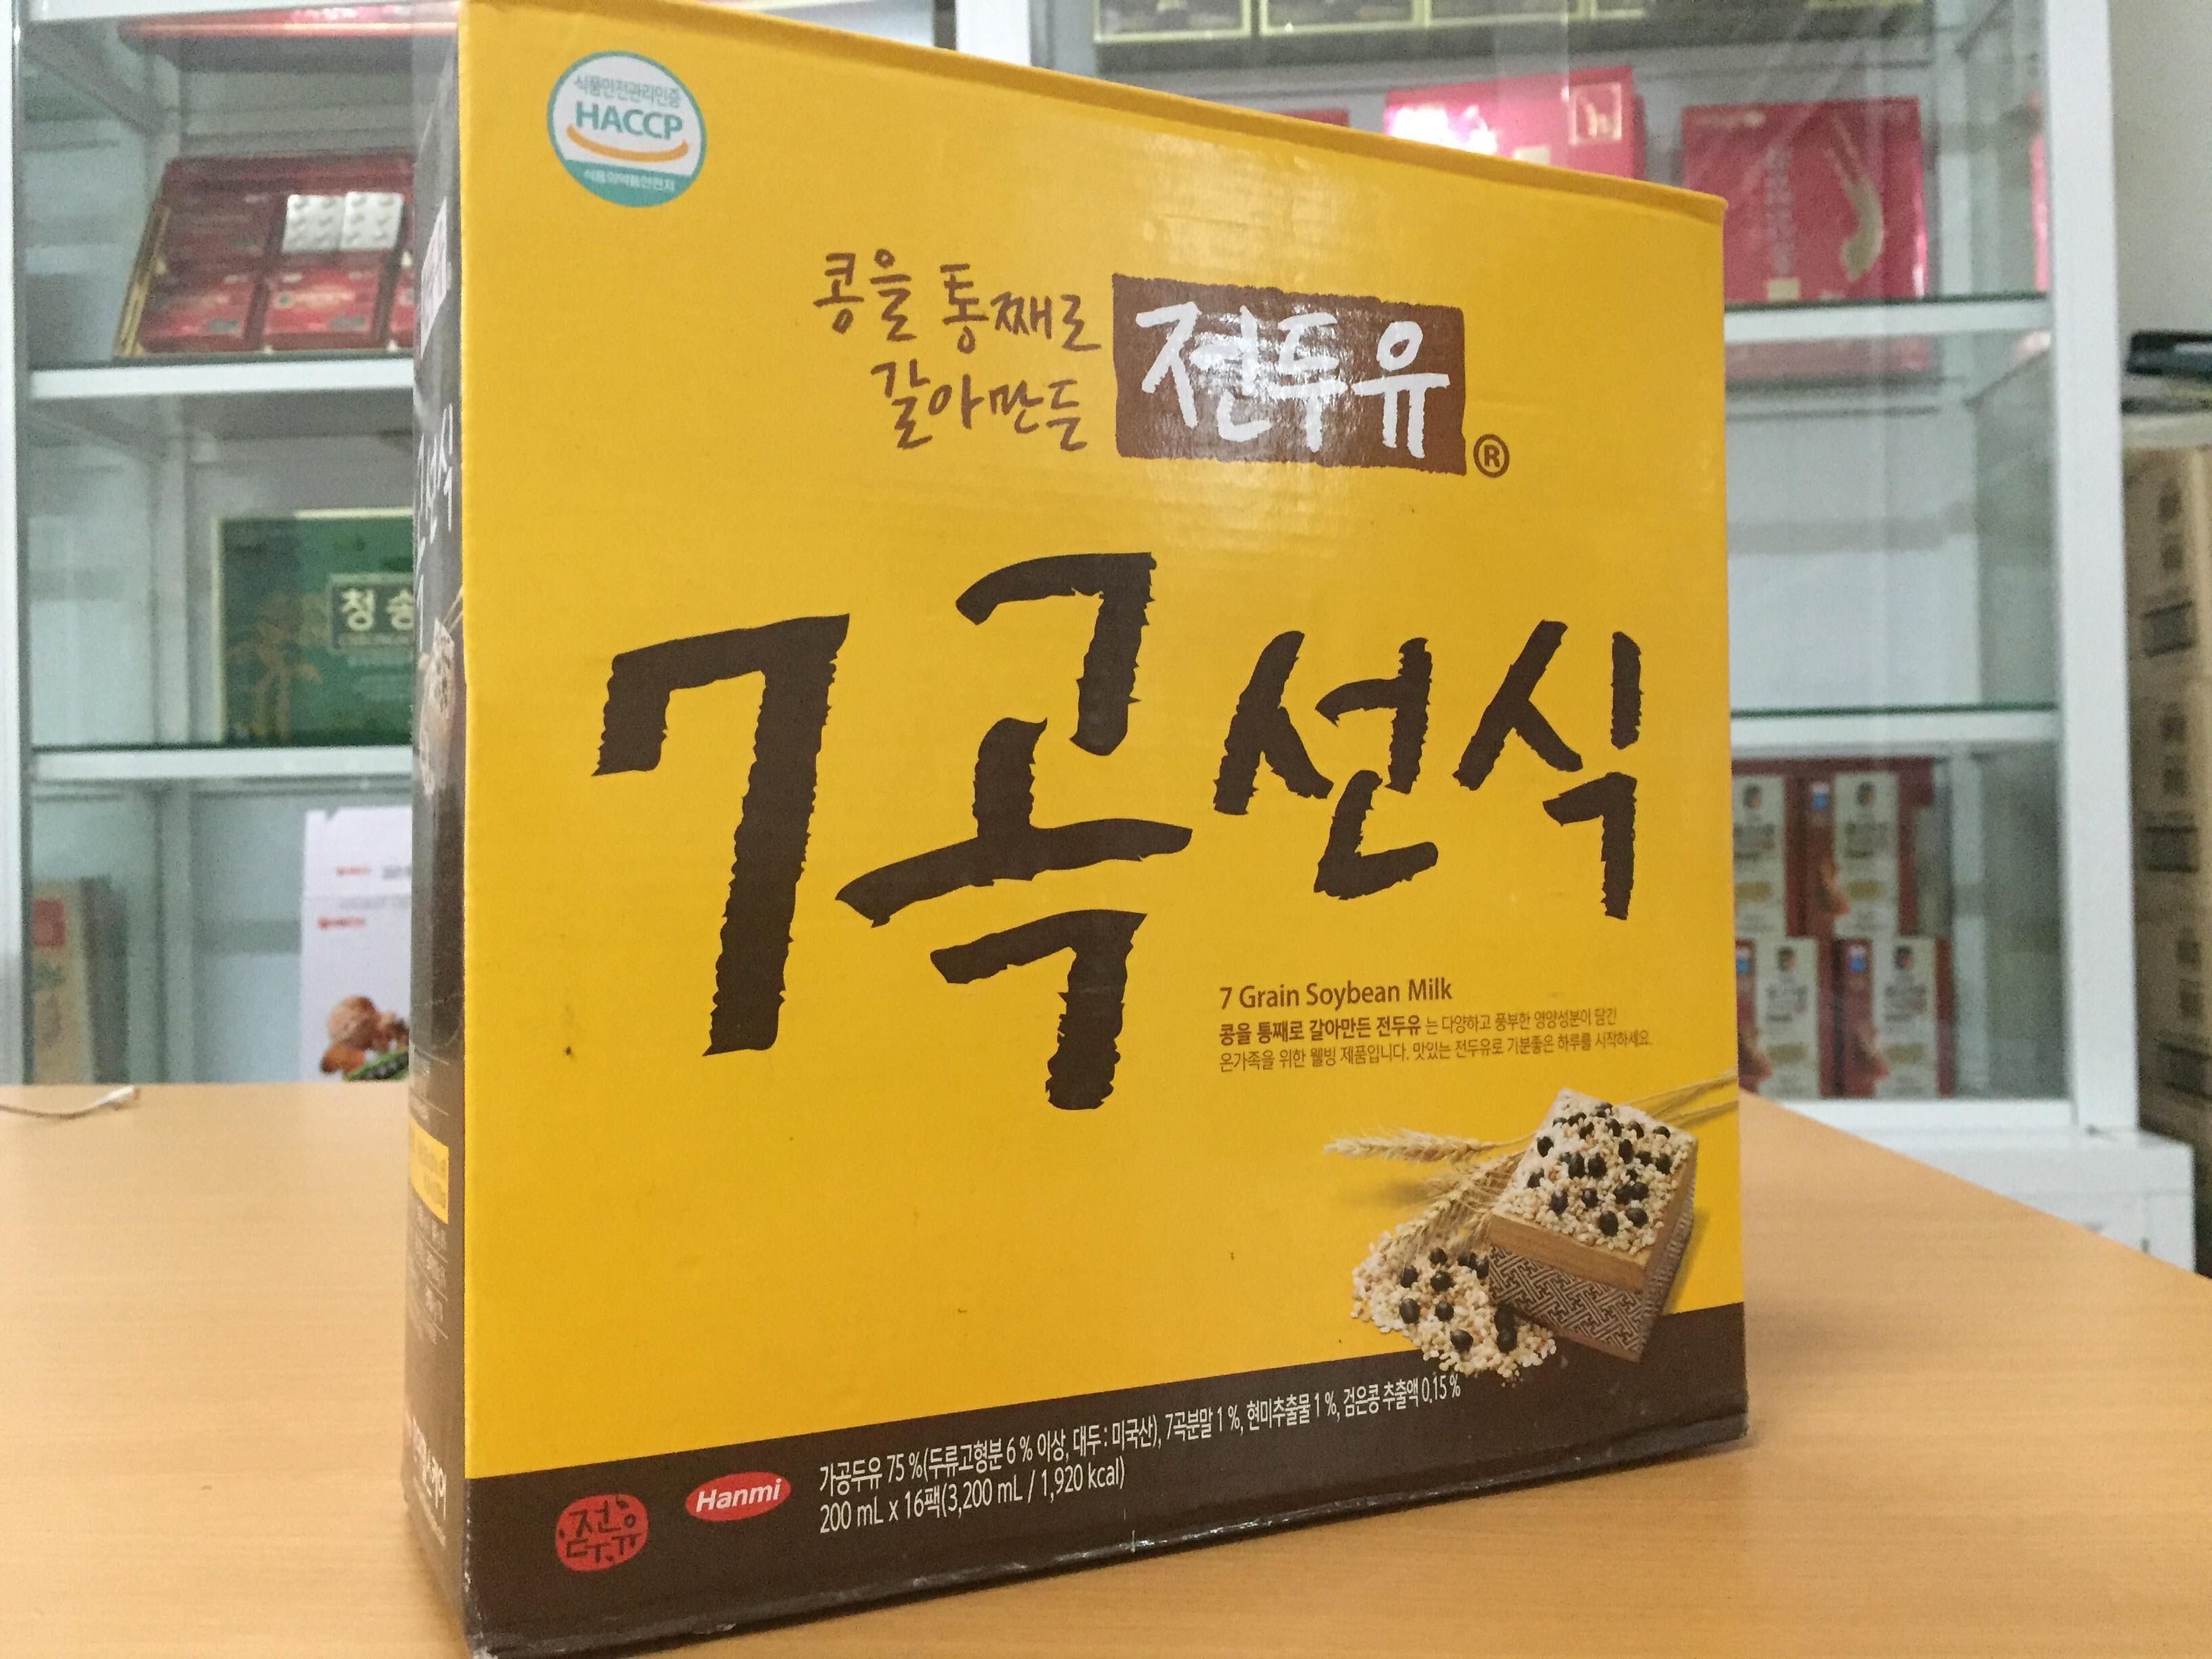 [Hanmi] - Sữa Hạt Hàn Quốc Ngũ Cốc 7 Vị 200ml (xách 16 hộp) - Sữa hạt Hàn Quốc Hanmi